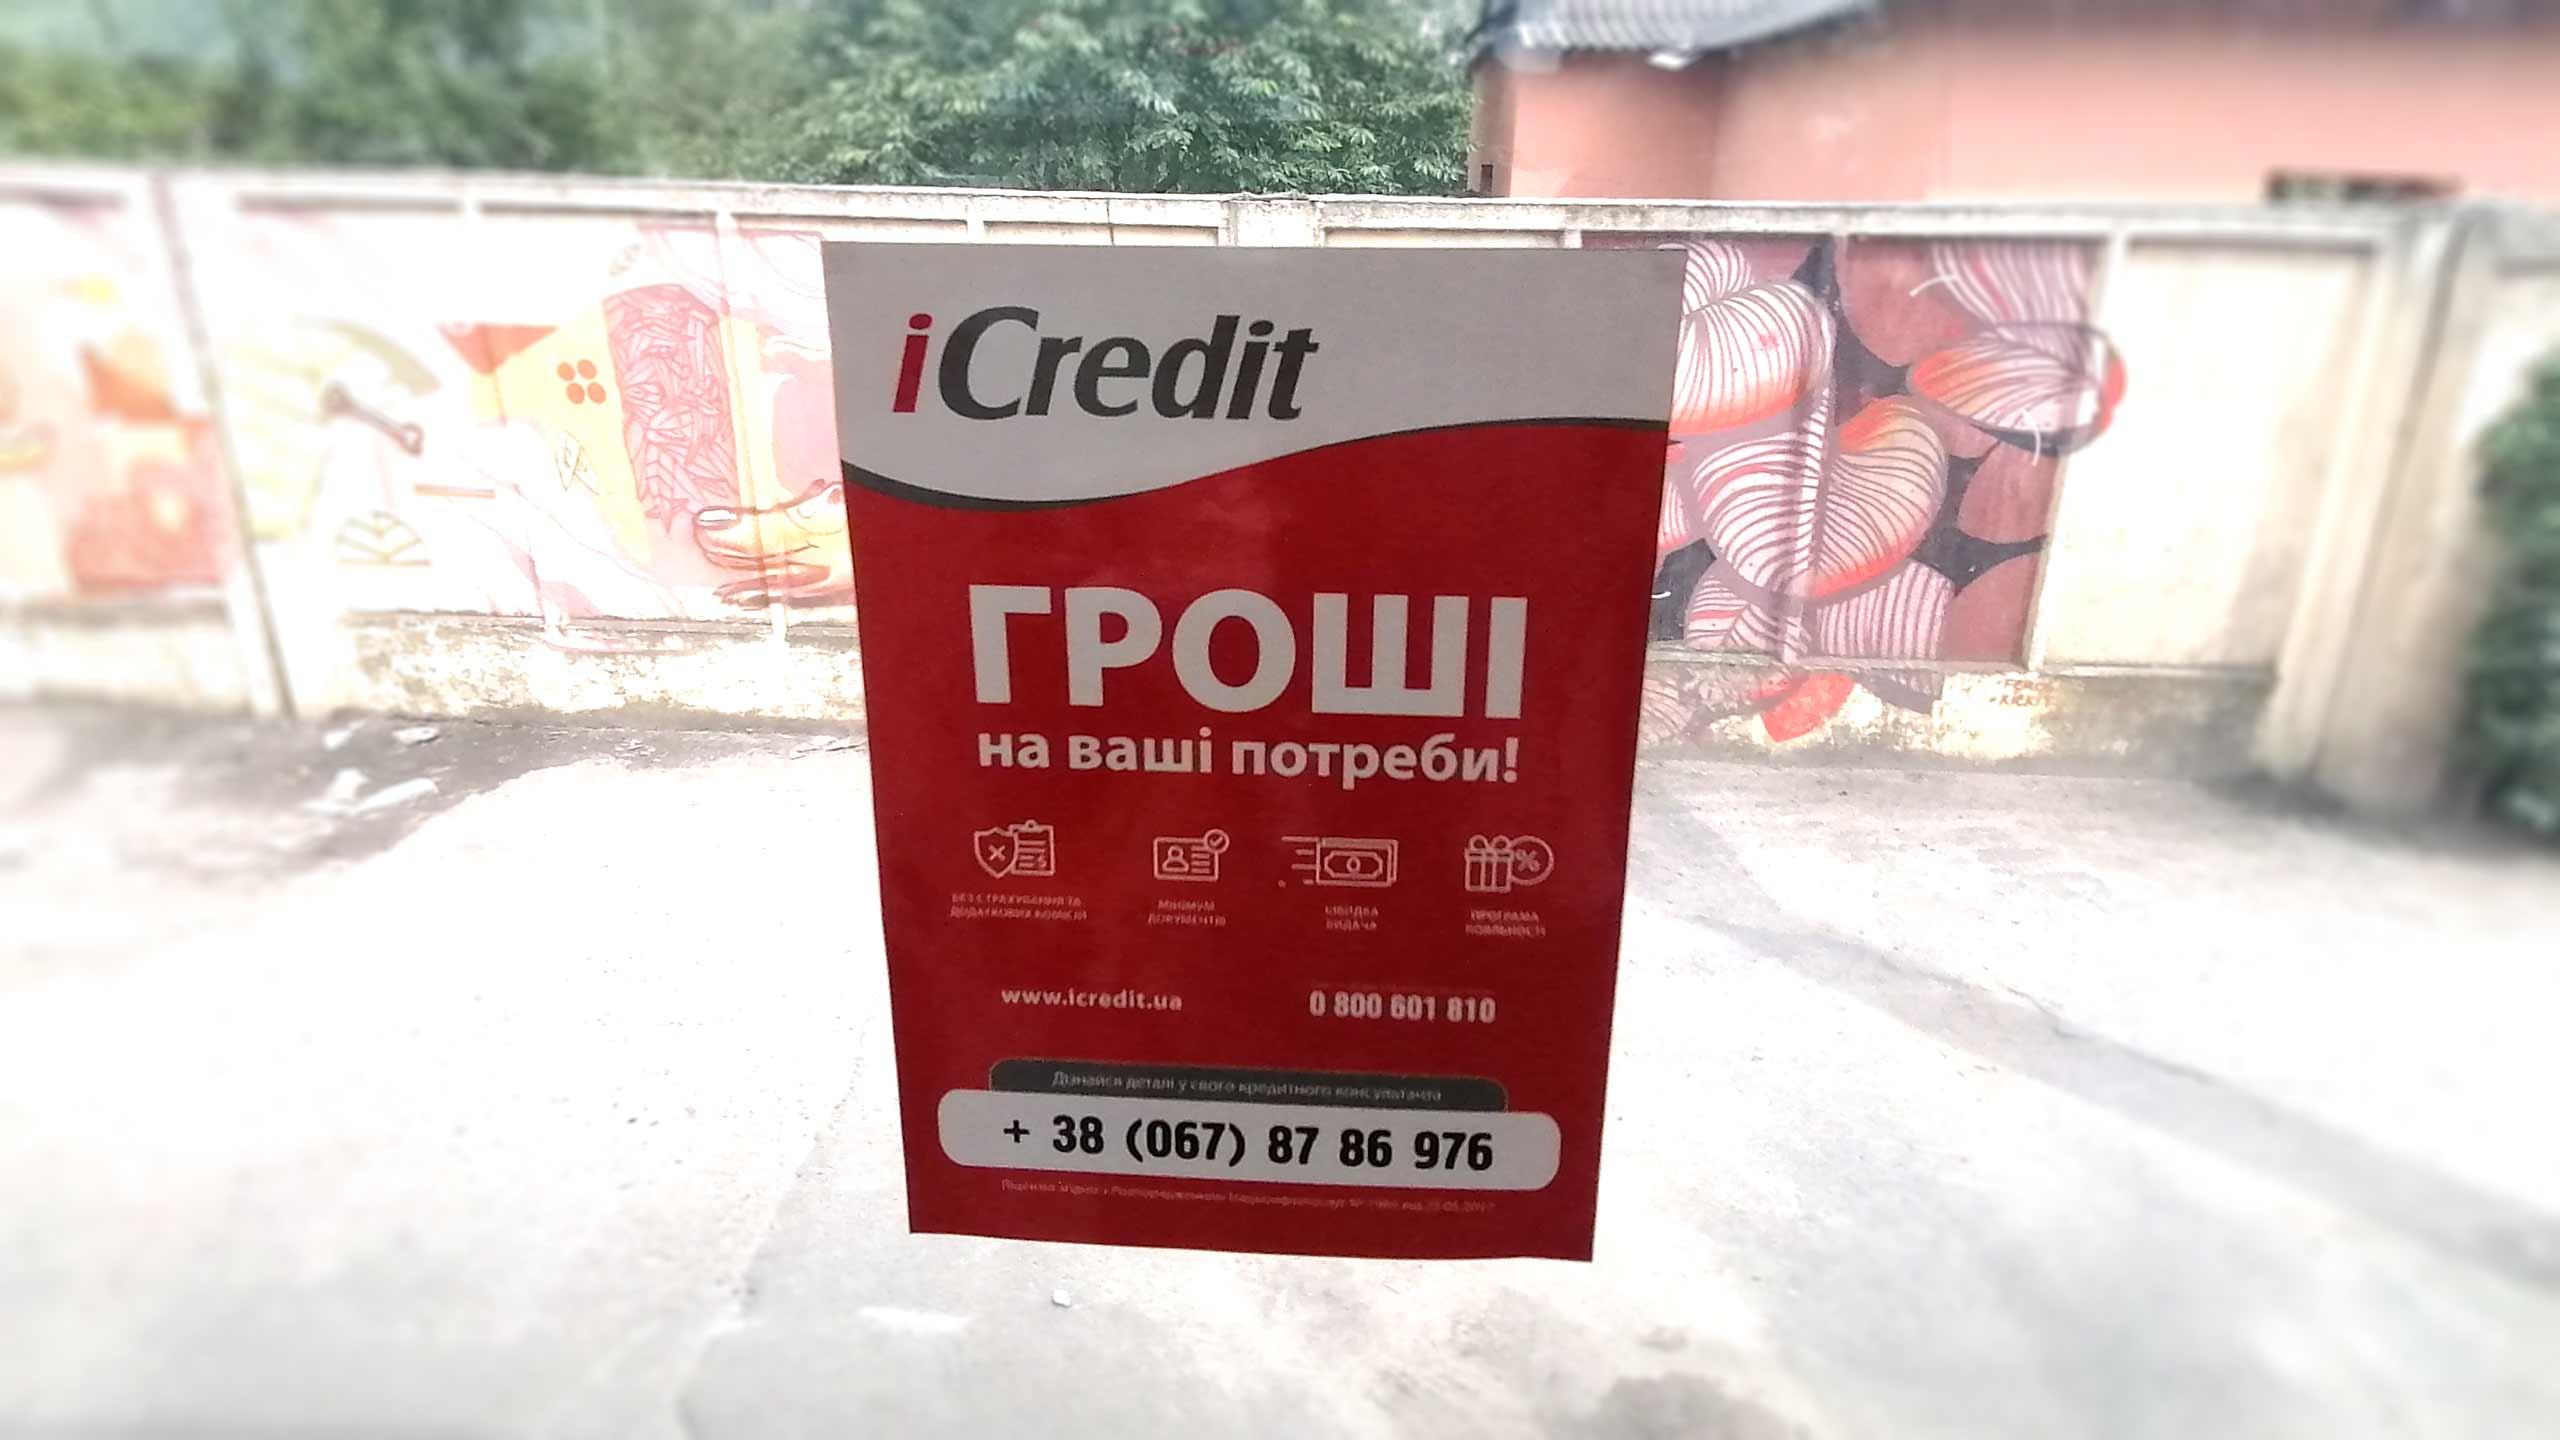 Реклама в маршрутках Днепр цена